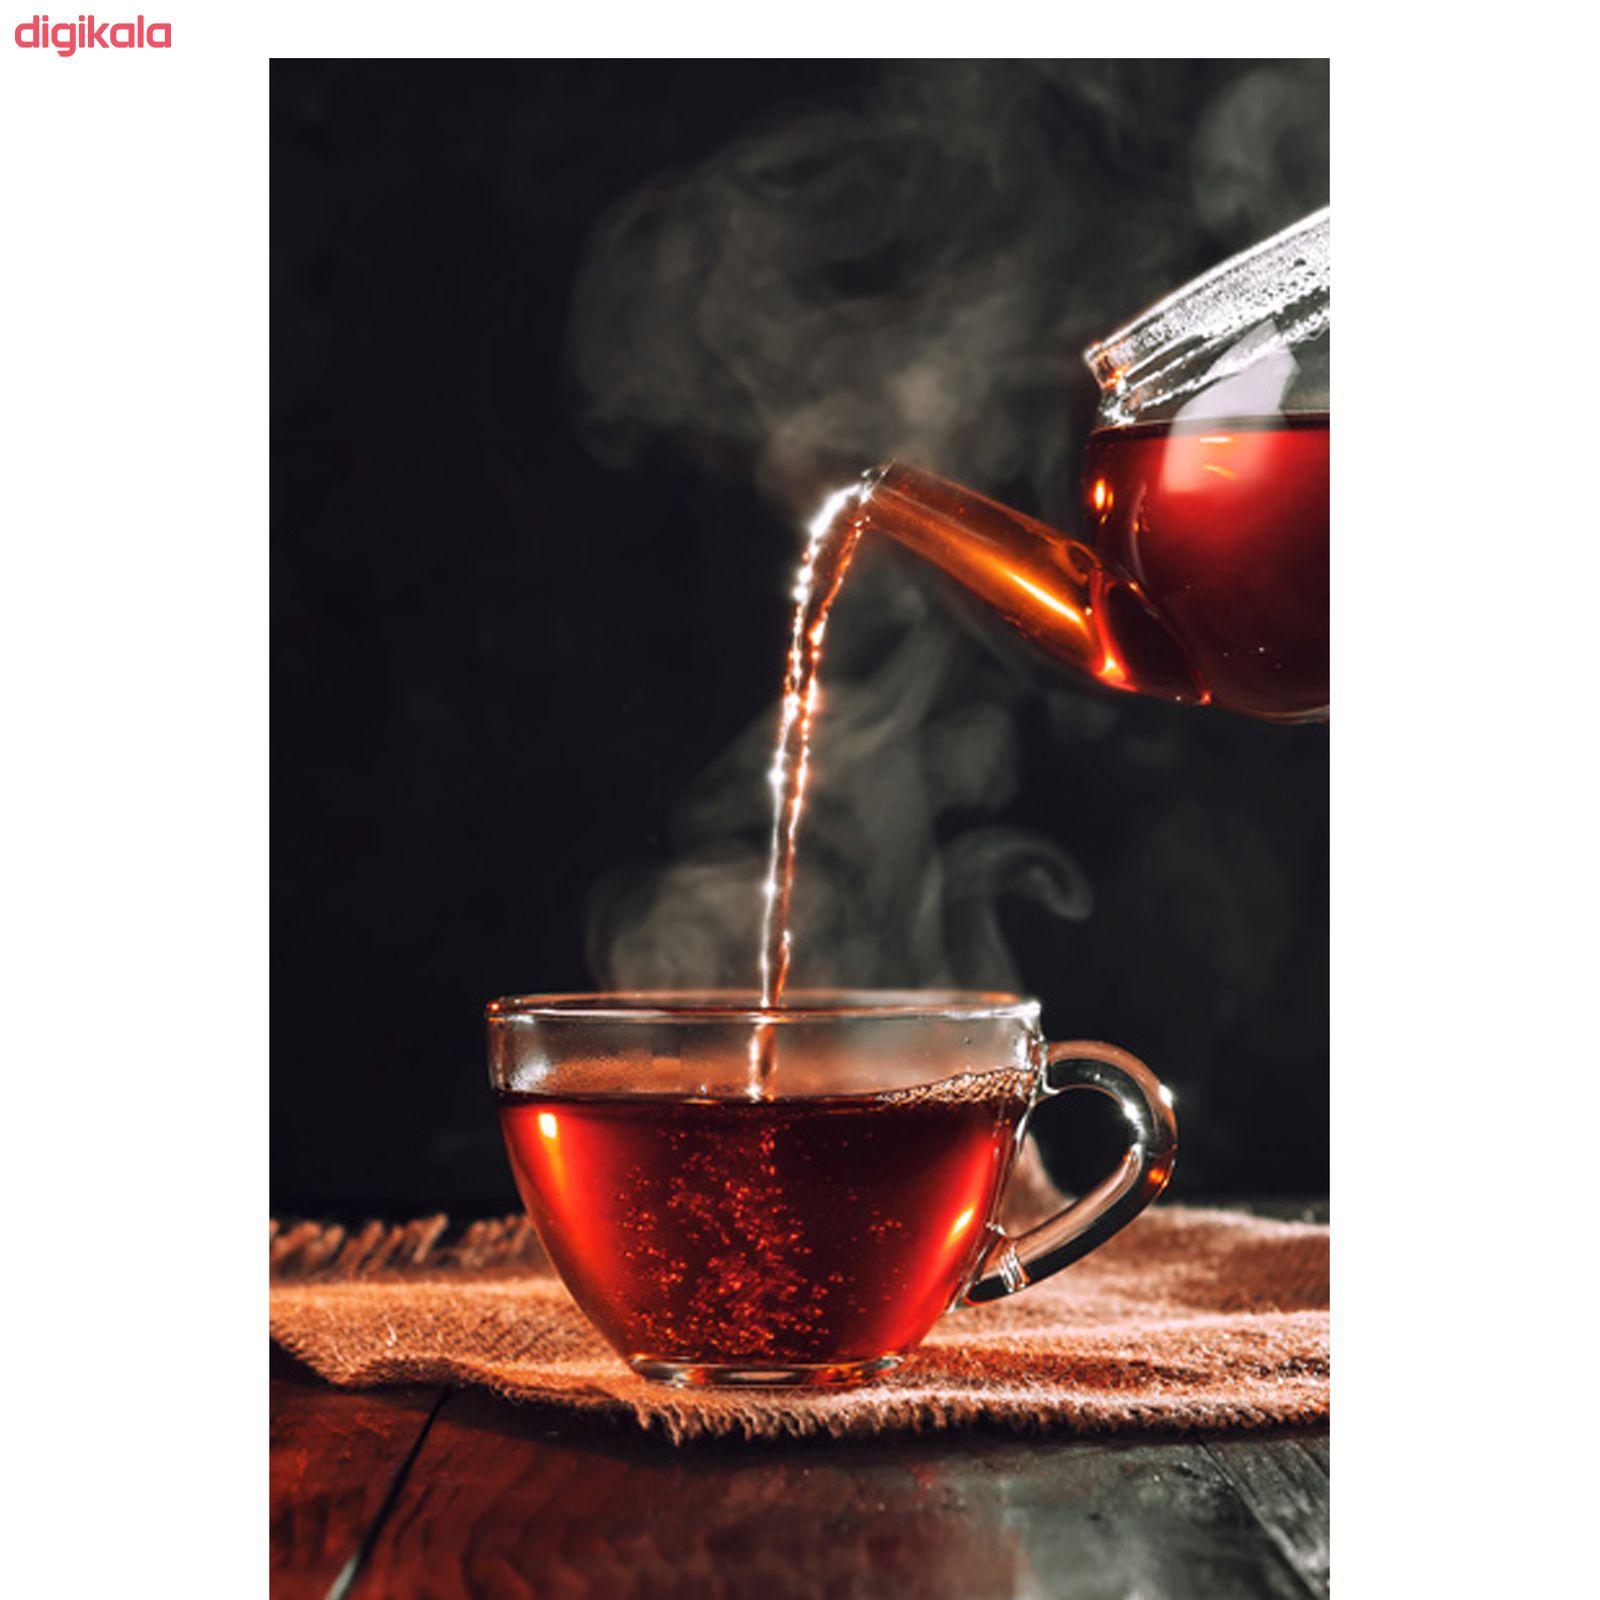 بسته چای سیاه رفاه لاهیجان مدل شکسته ممتاز زرین بهاره main 1 2